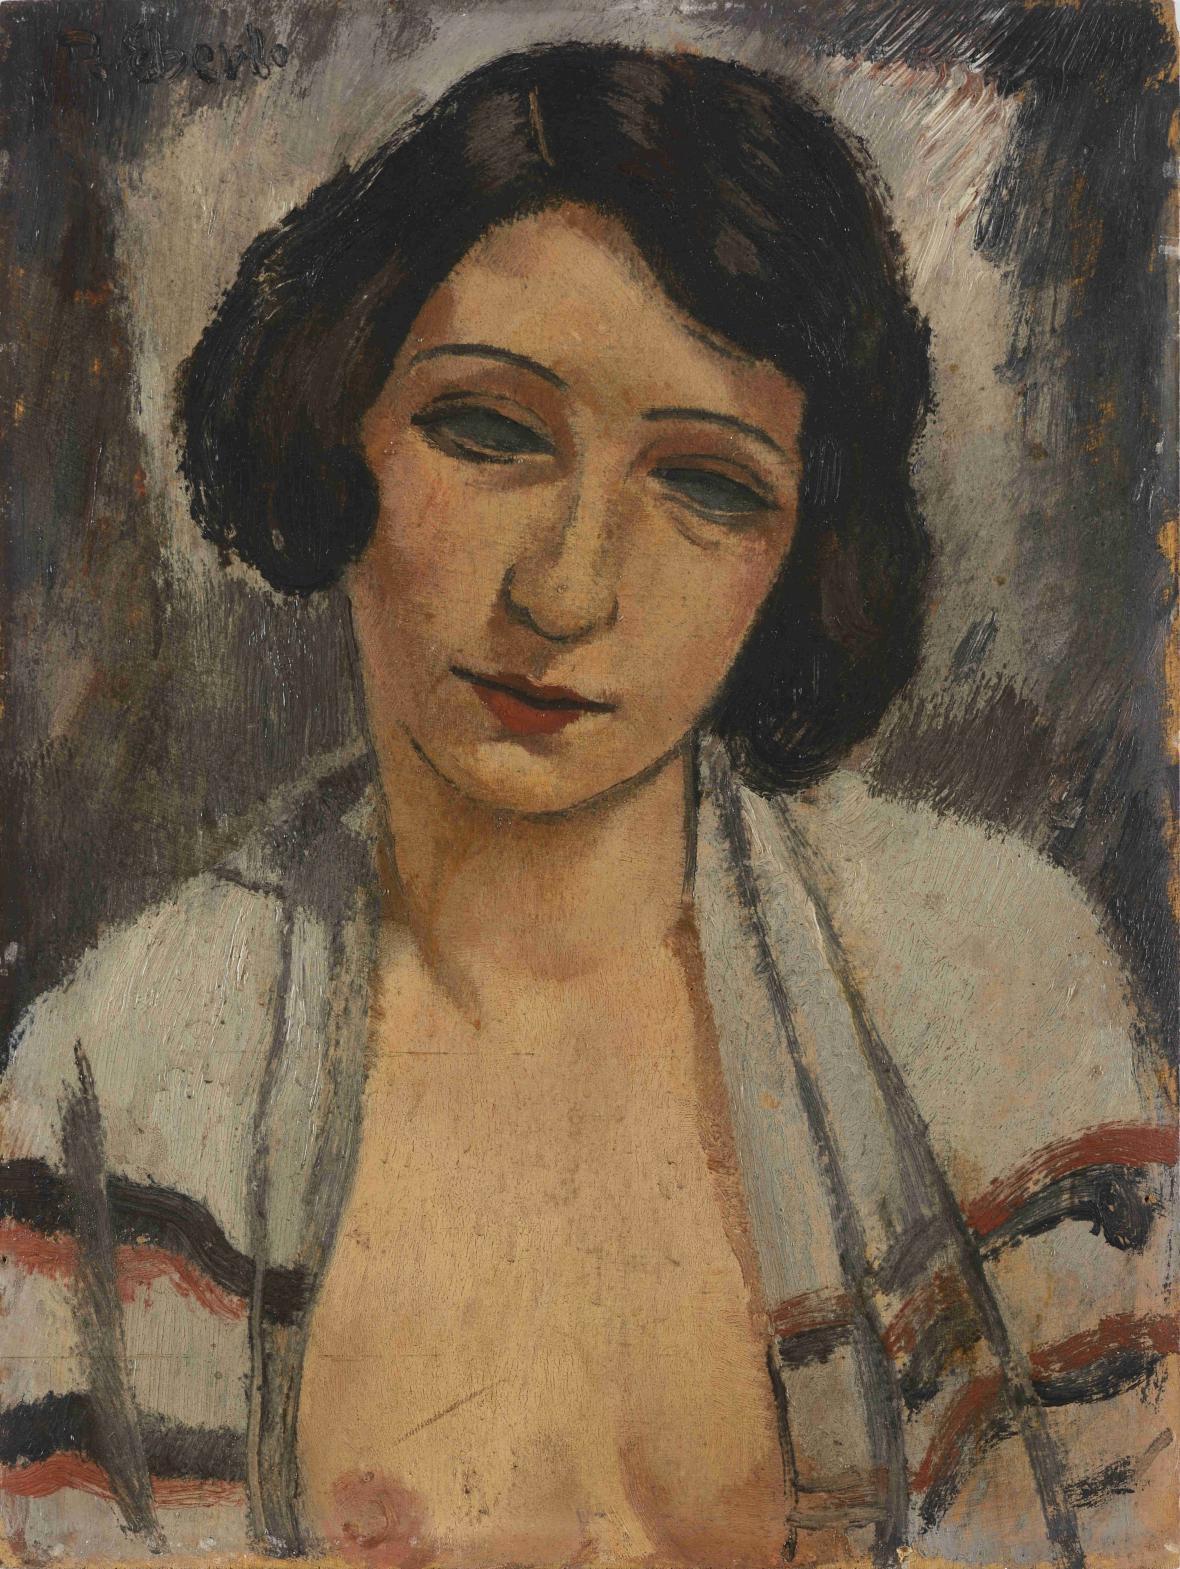 František Eberl / Dívka s rozepnutou blůzou, 20-30. léta 20. století